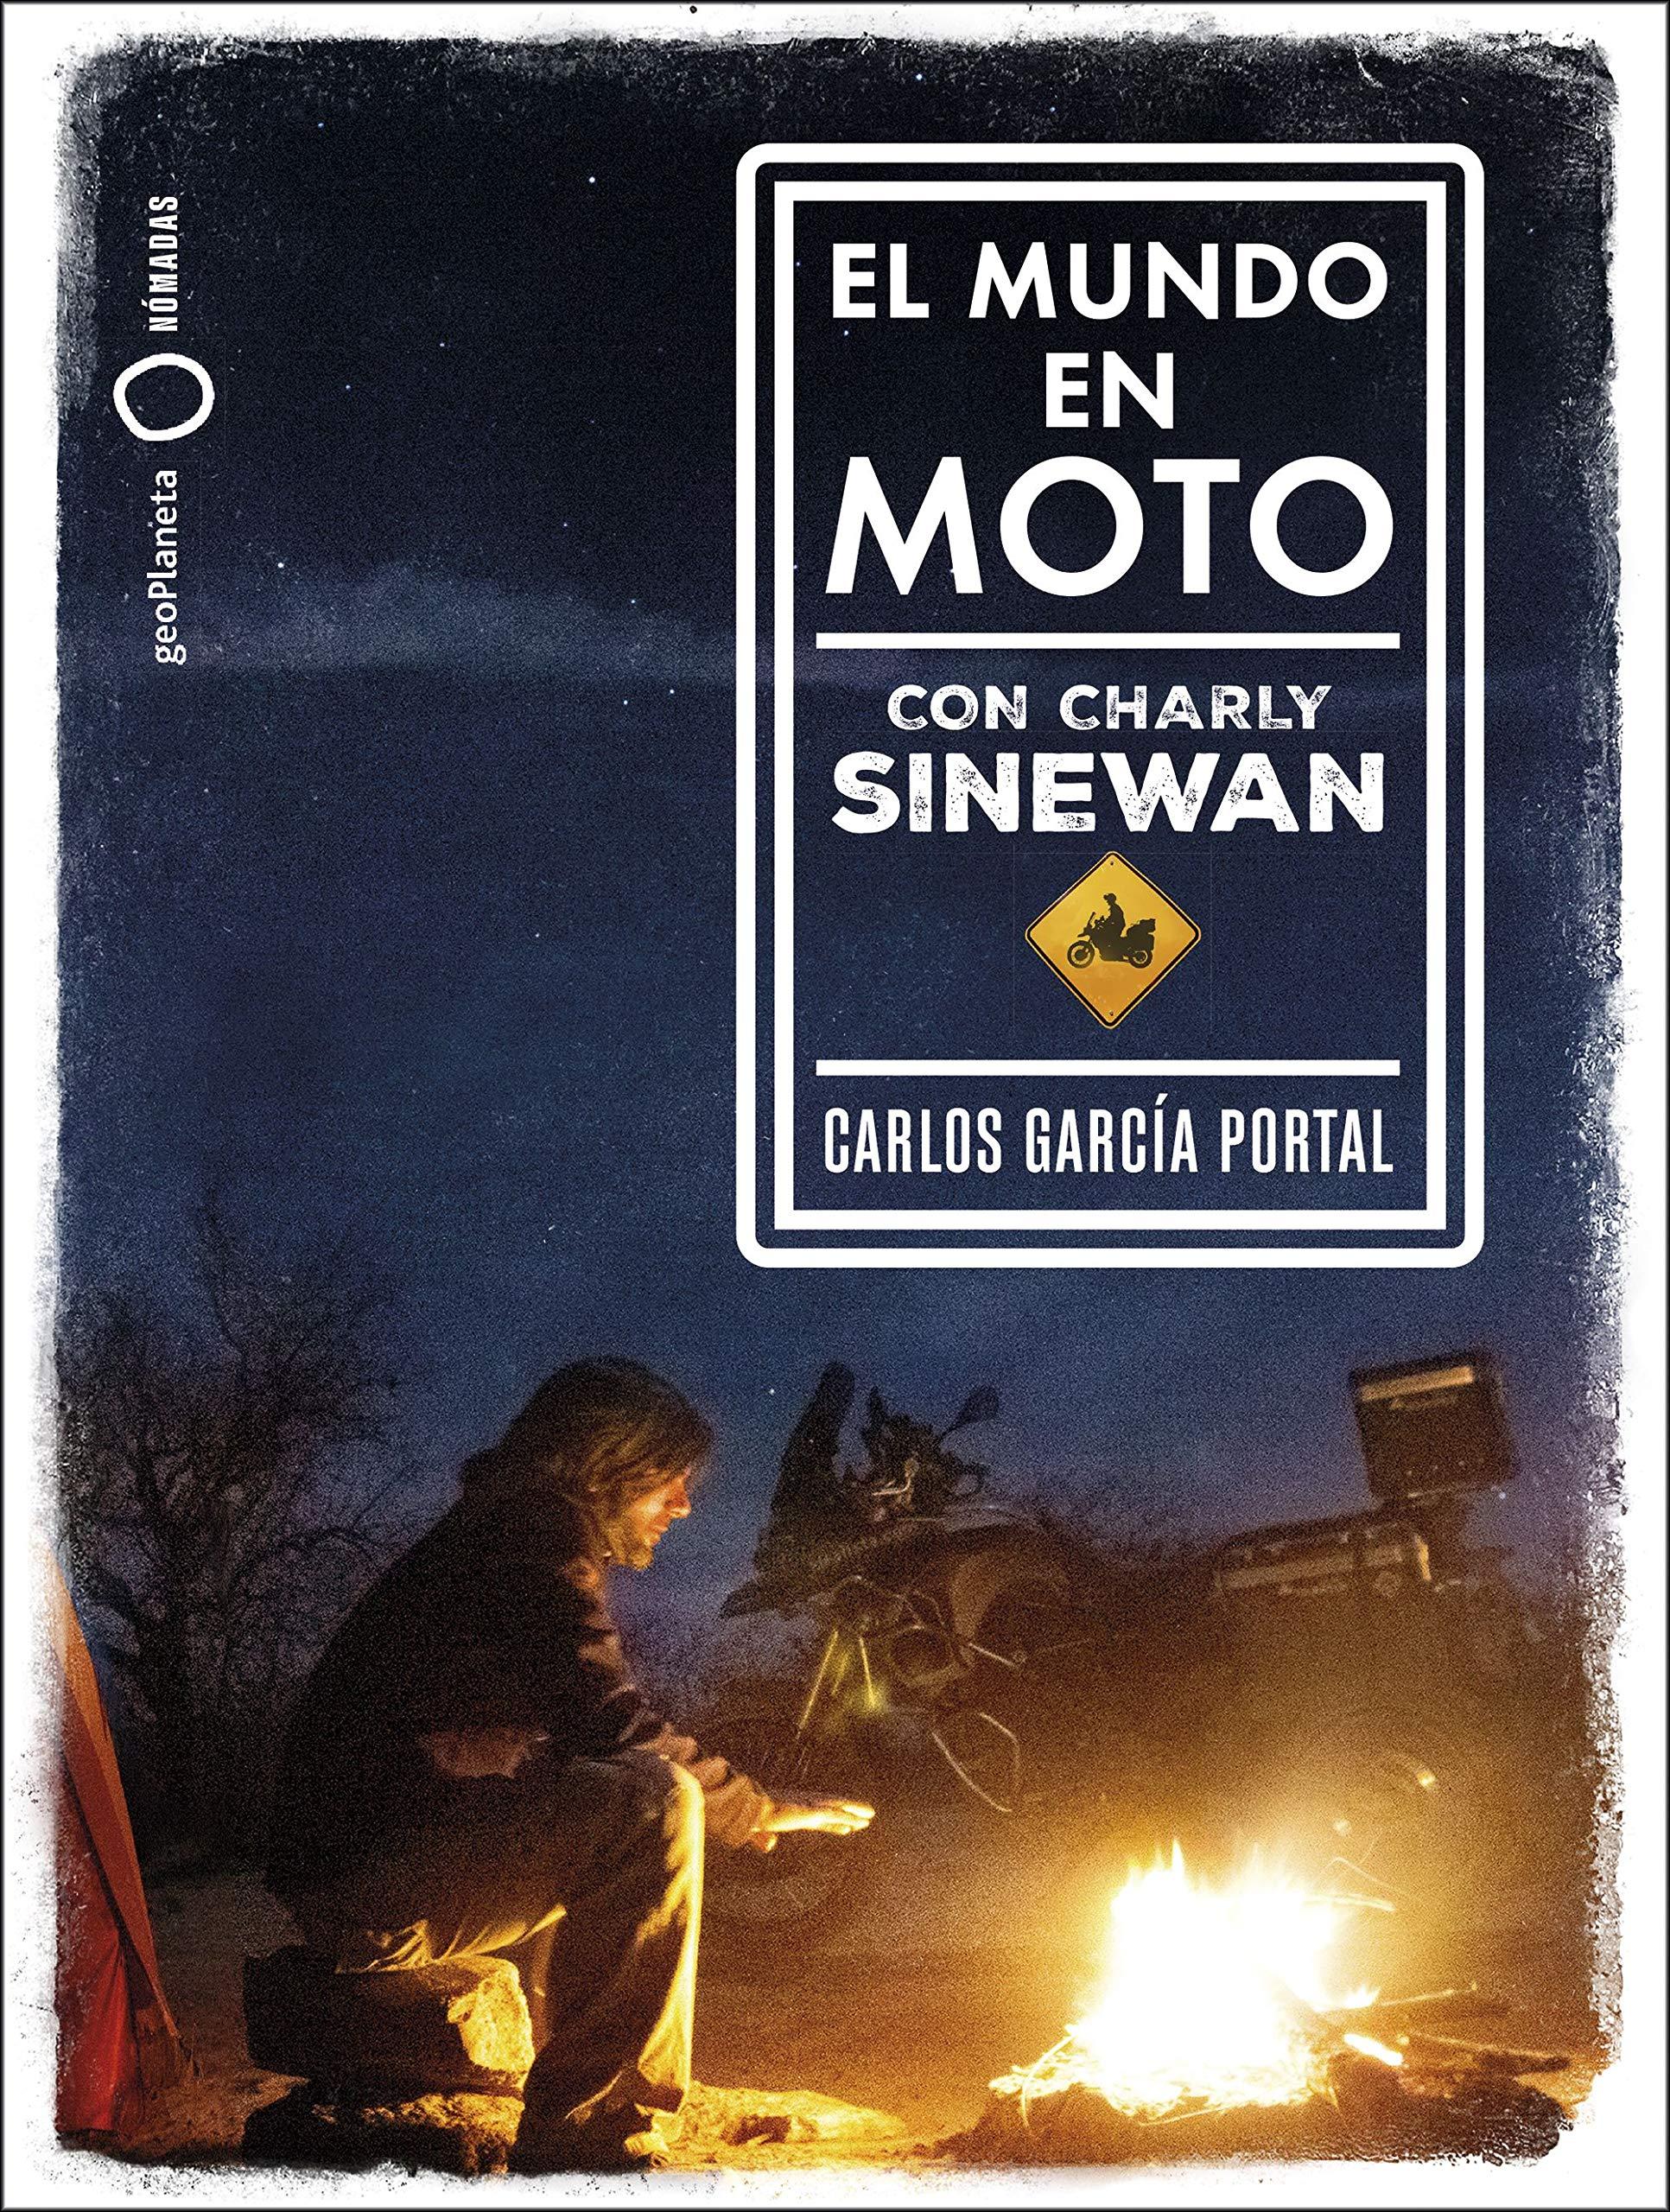 El mundo en moto con Charly Sinewan por Carlos García Portal